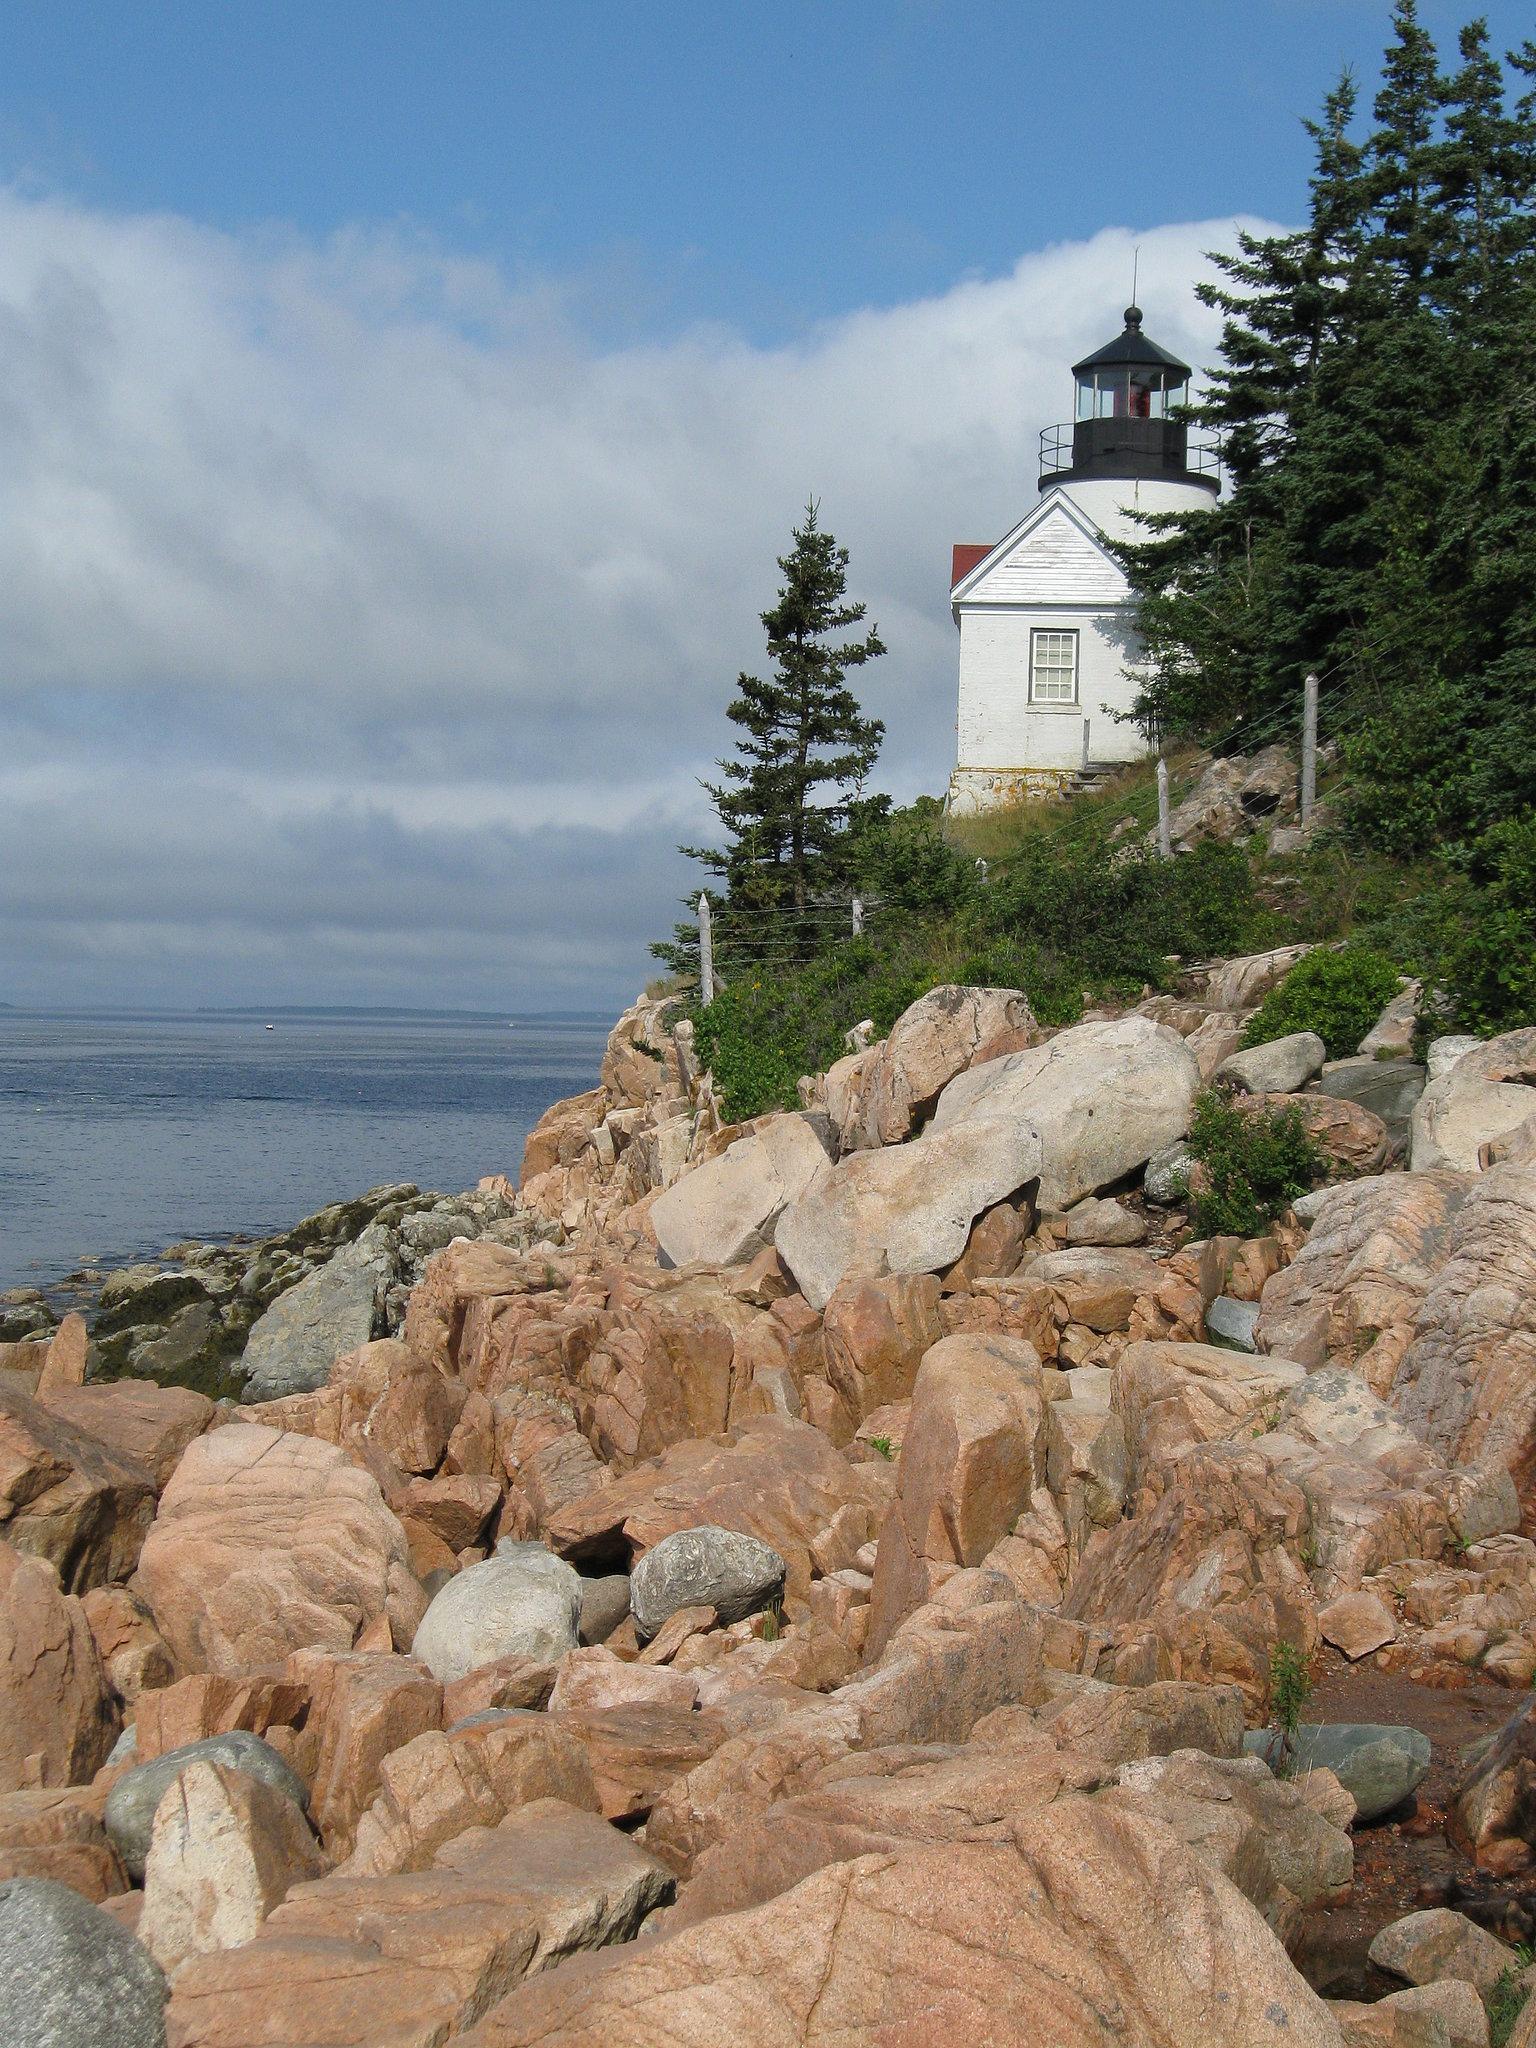 Acadia National Park: Maine